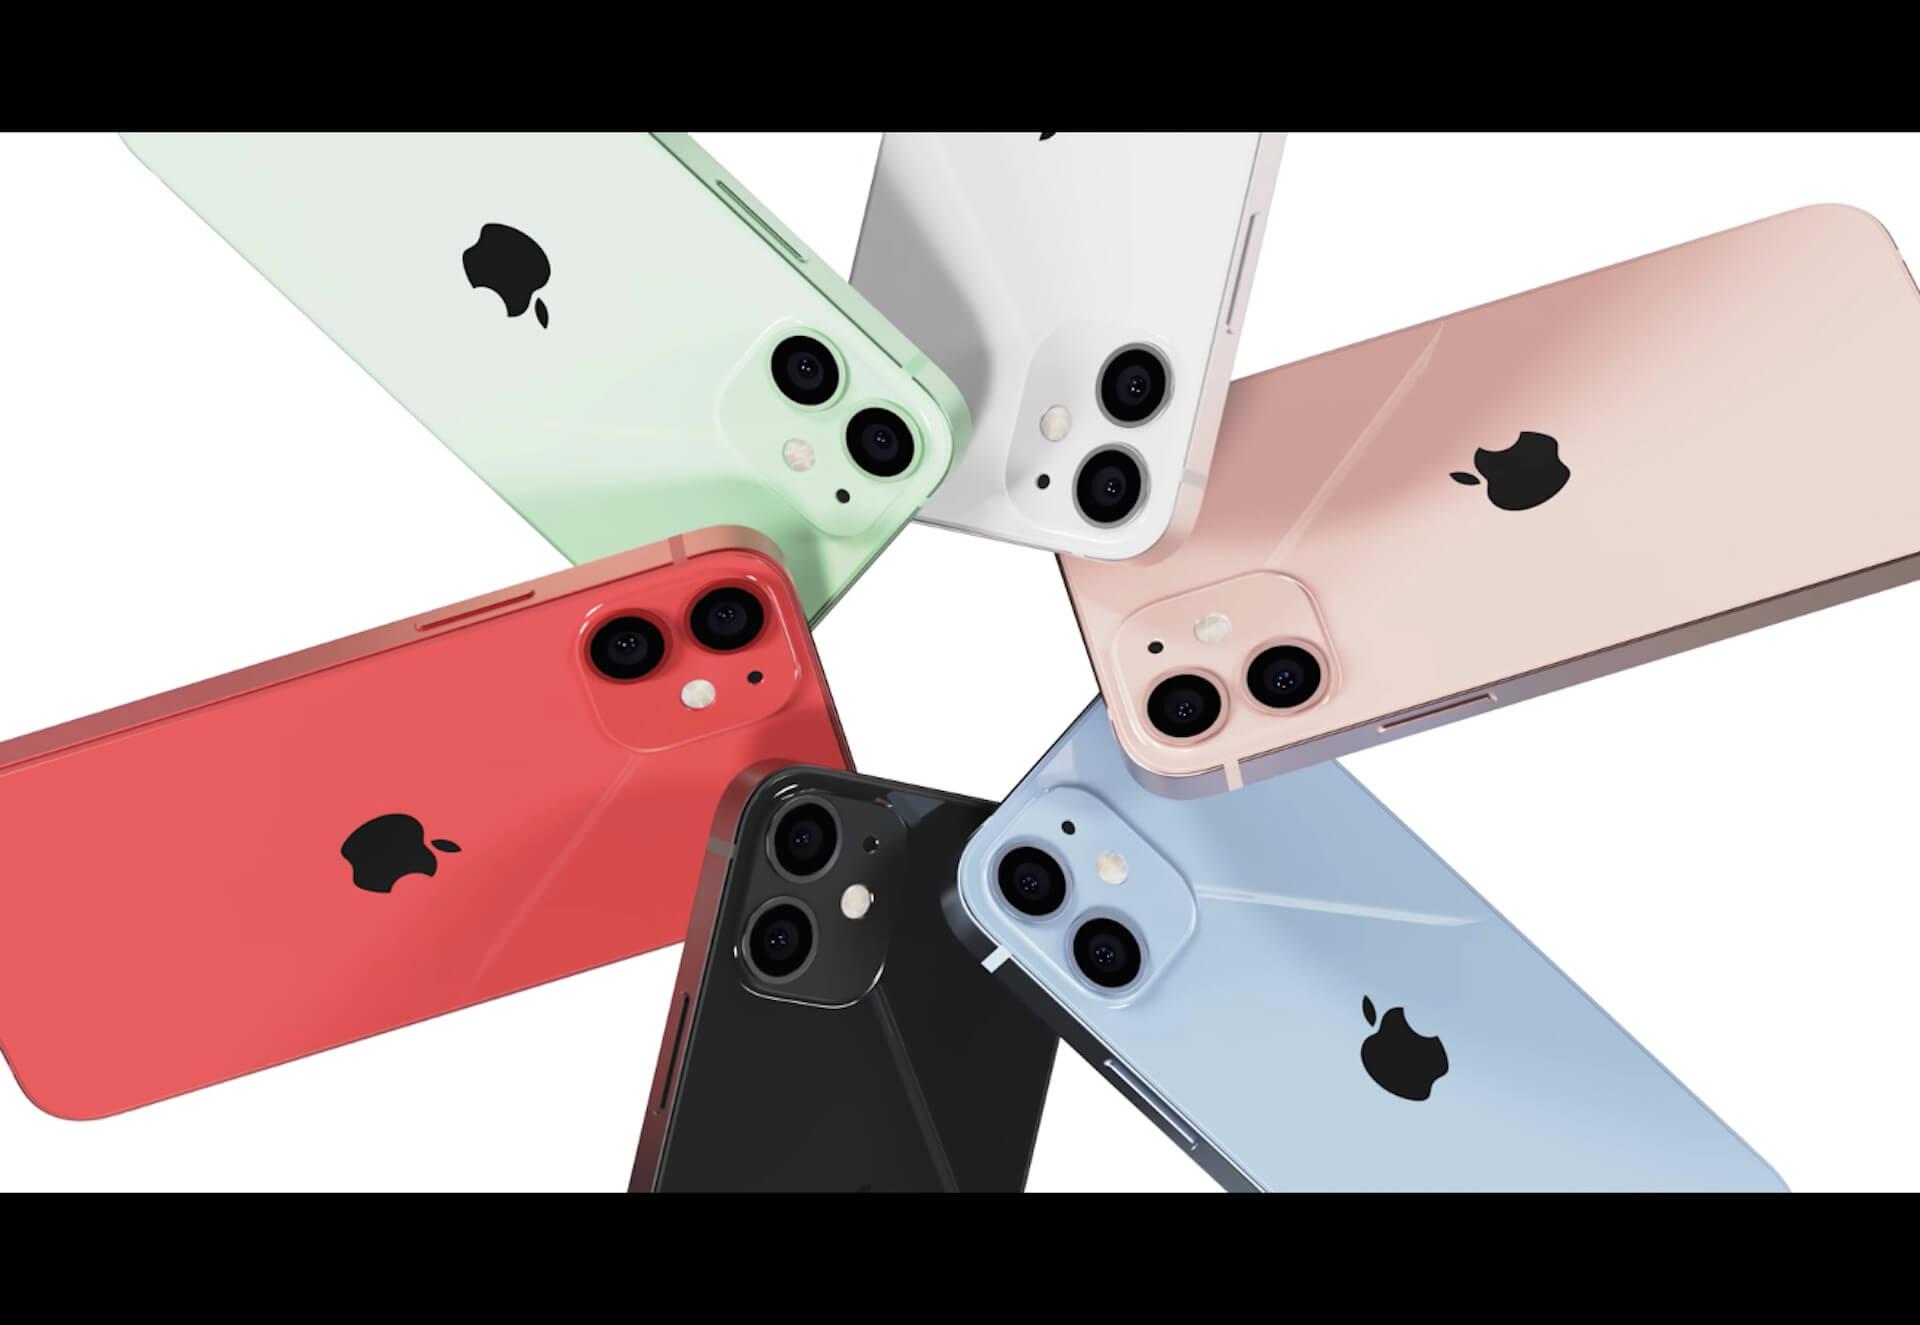 iPhone 12シリーズ、6.1インチモデルのみ先行販売?やはり120Hzのリフレッシュレートには対応ならずか tech201012_iphone12_main